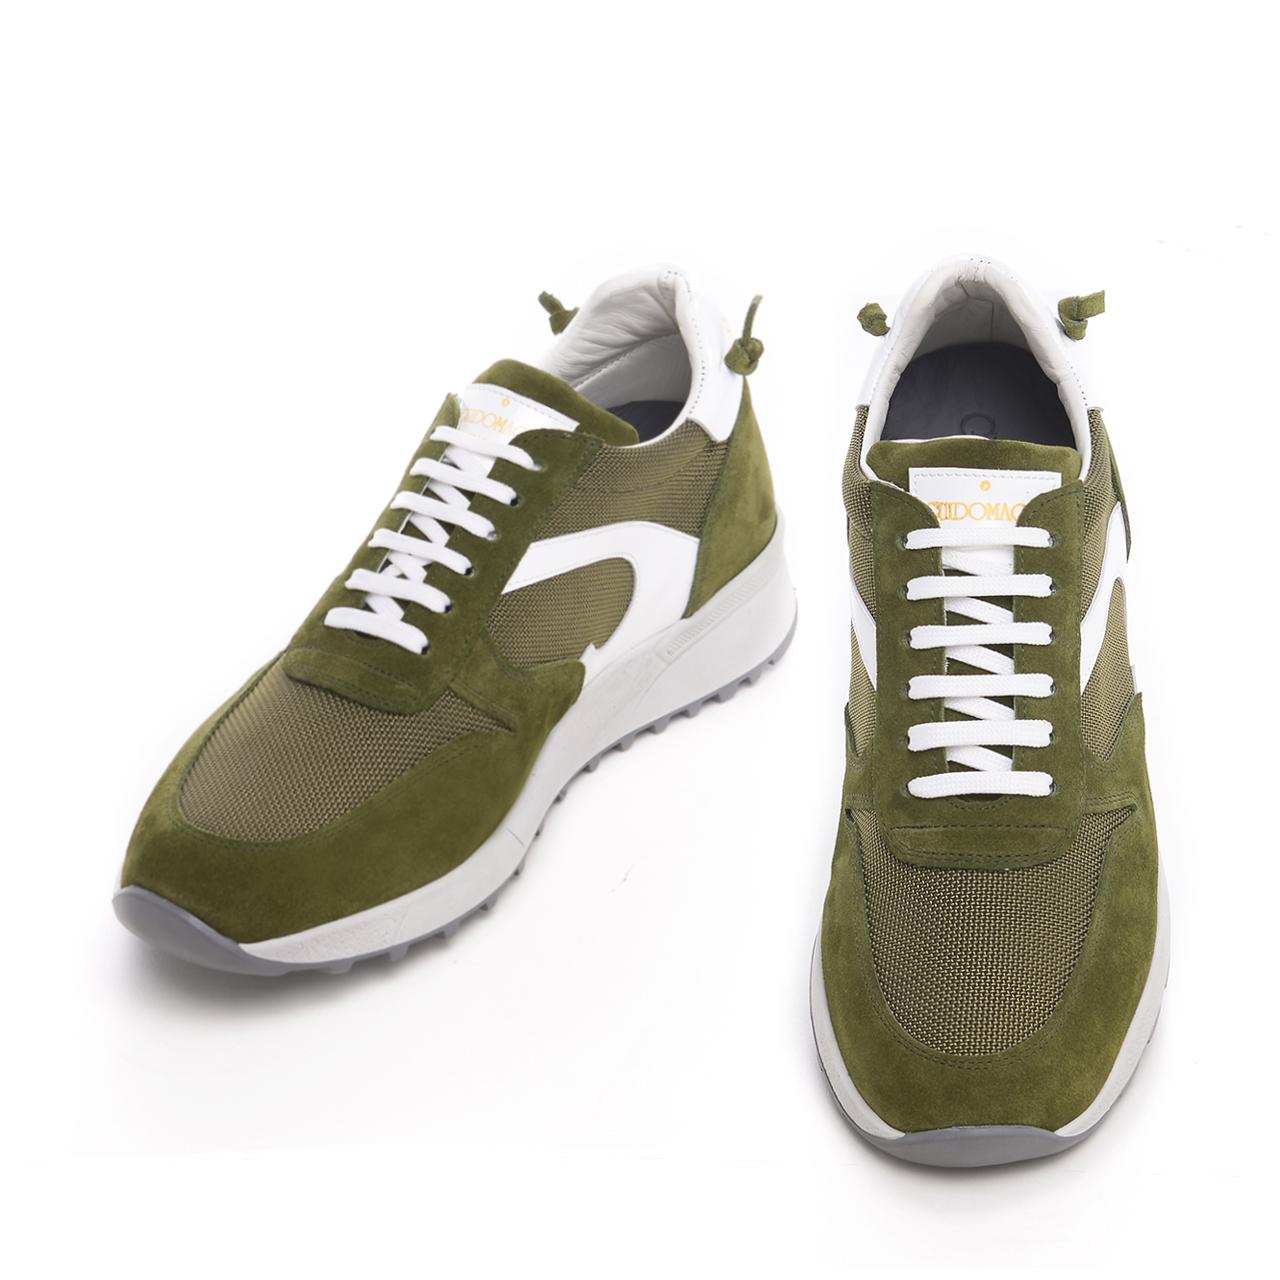 Adidas Elevator Shoes